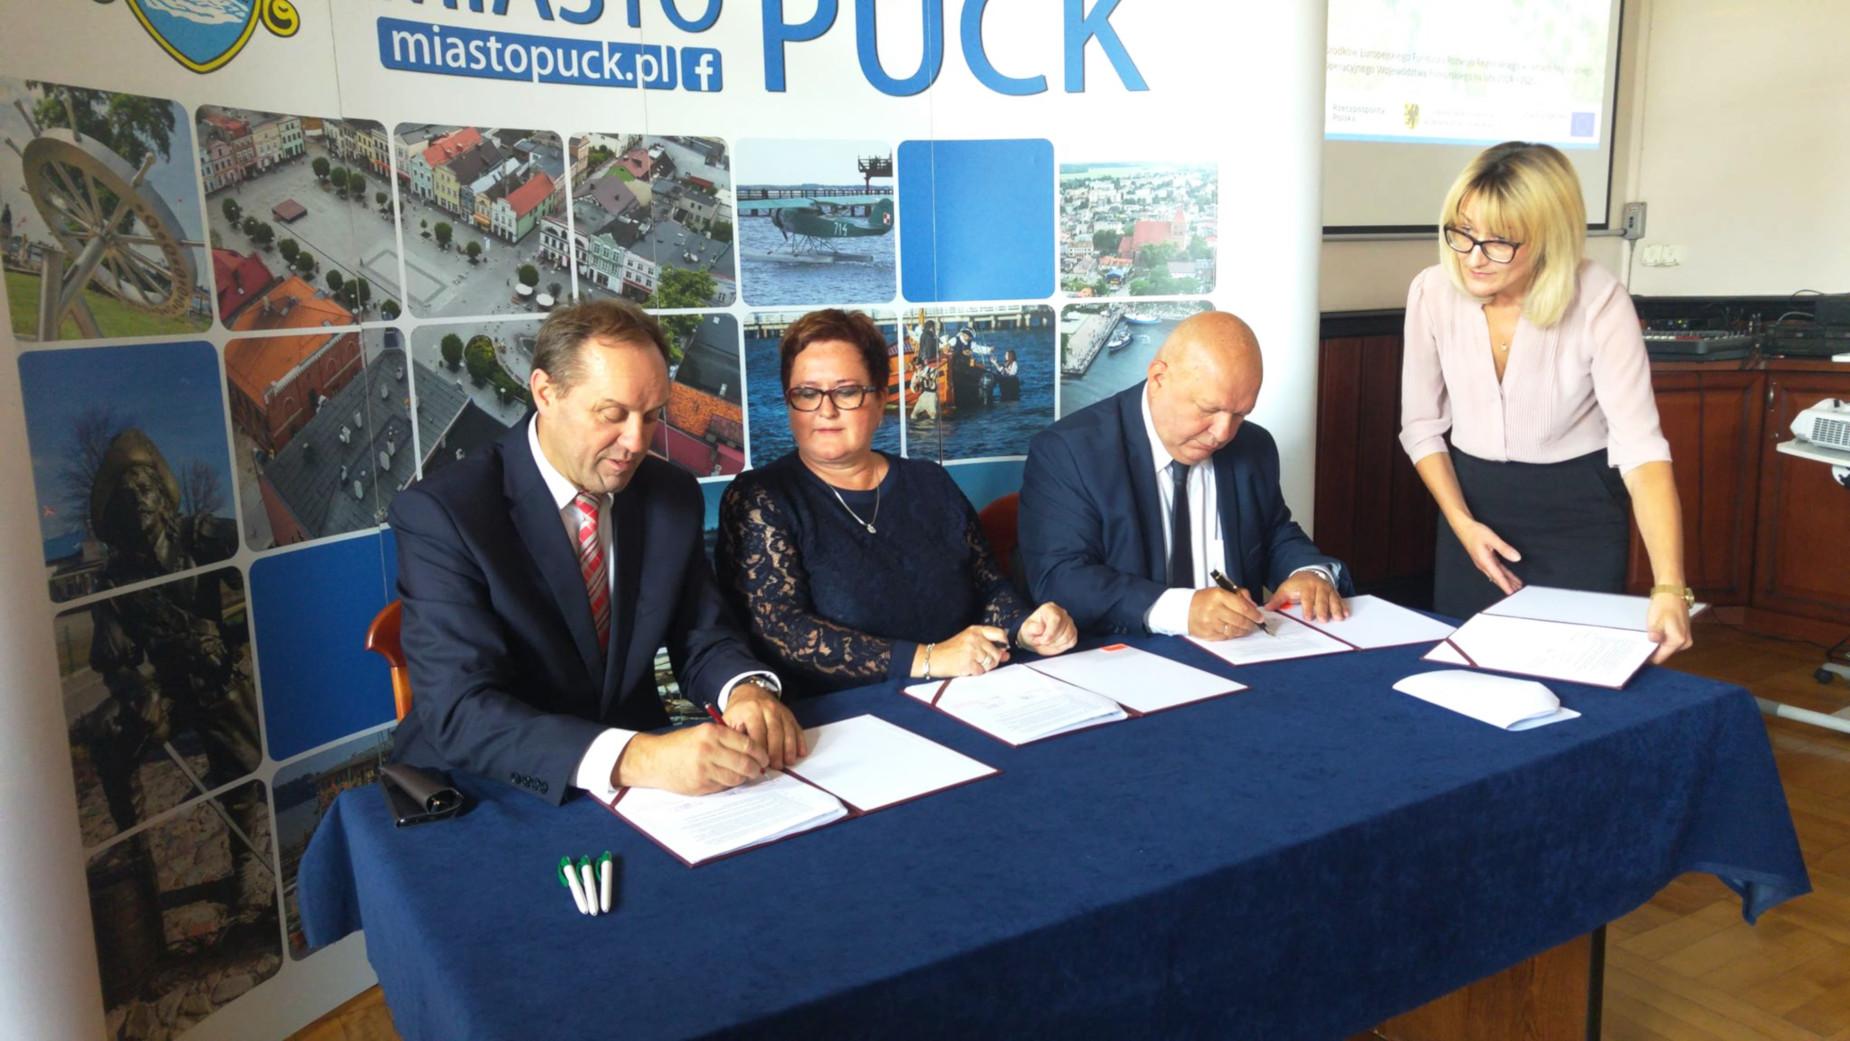 Będą zmiany w śródmieściu Pucka. Budynki zyskają nowy wygląd, a mieszkańcy centrum wsparcia i liczne usługi społeczne